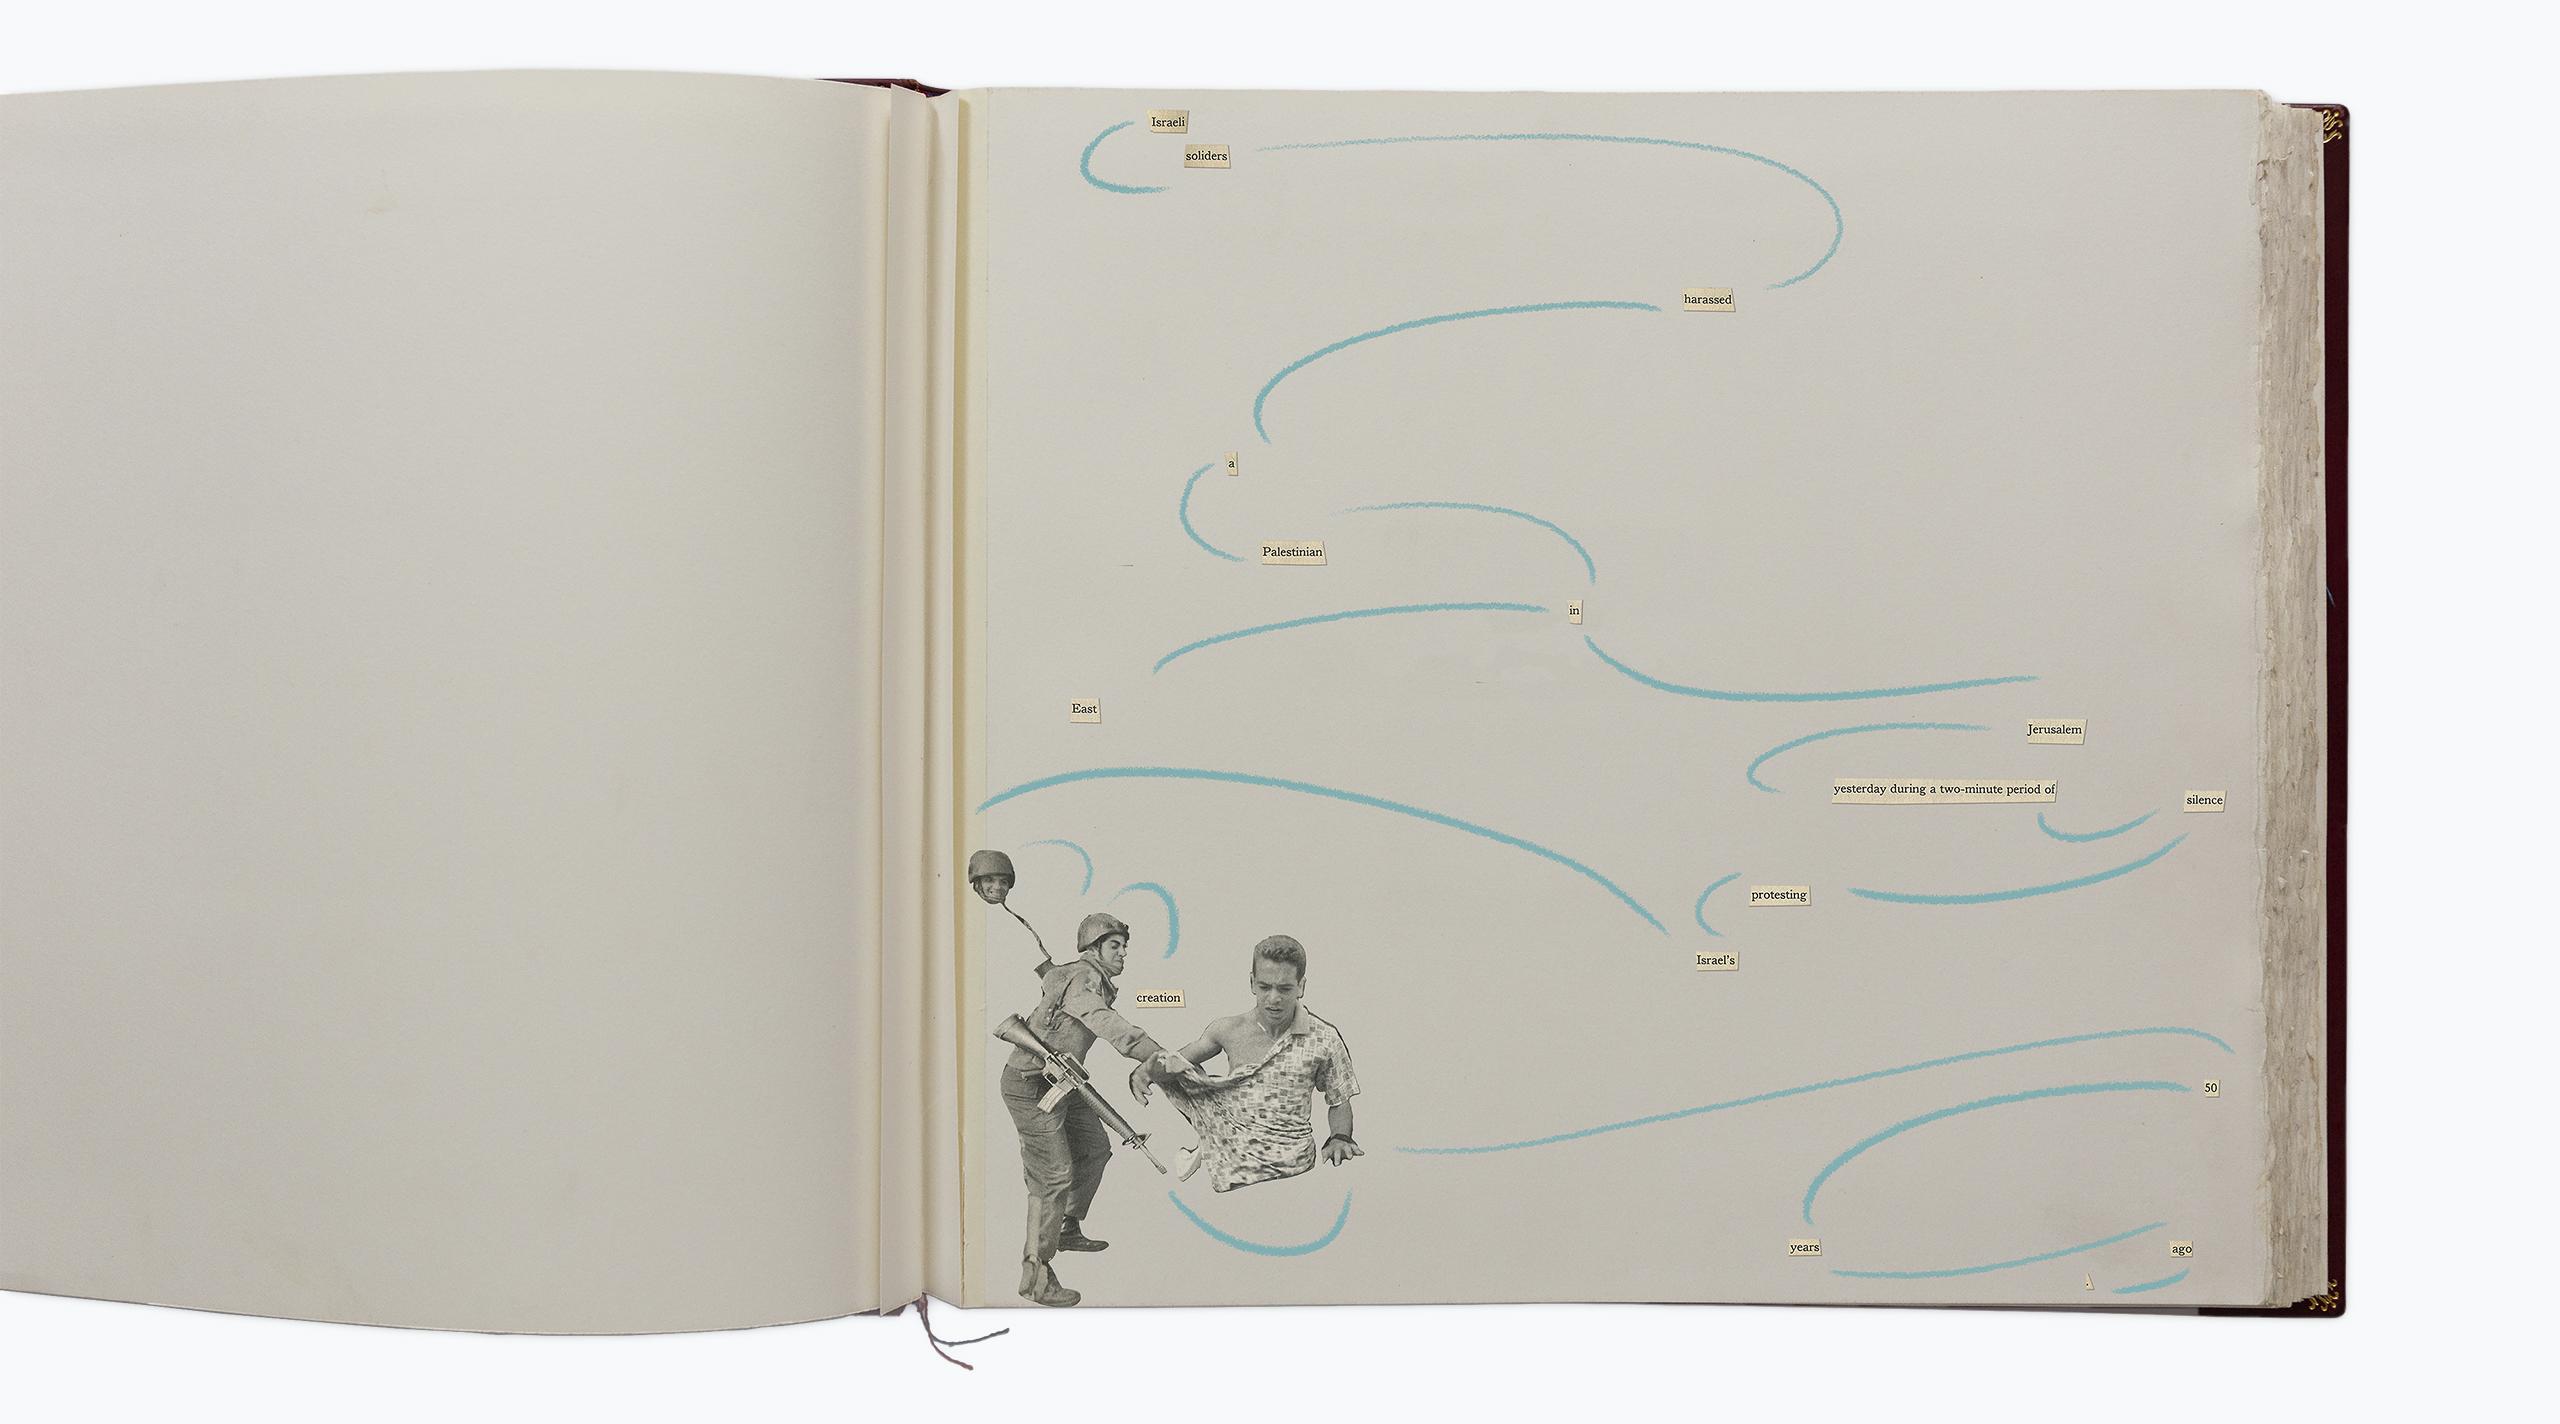 Collage_NYT_FavoritaBook_005-v2